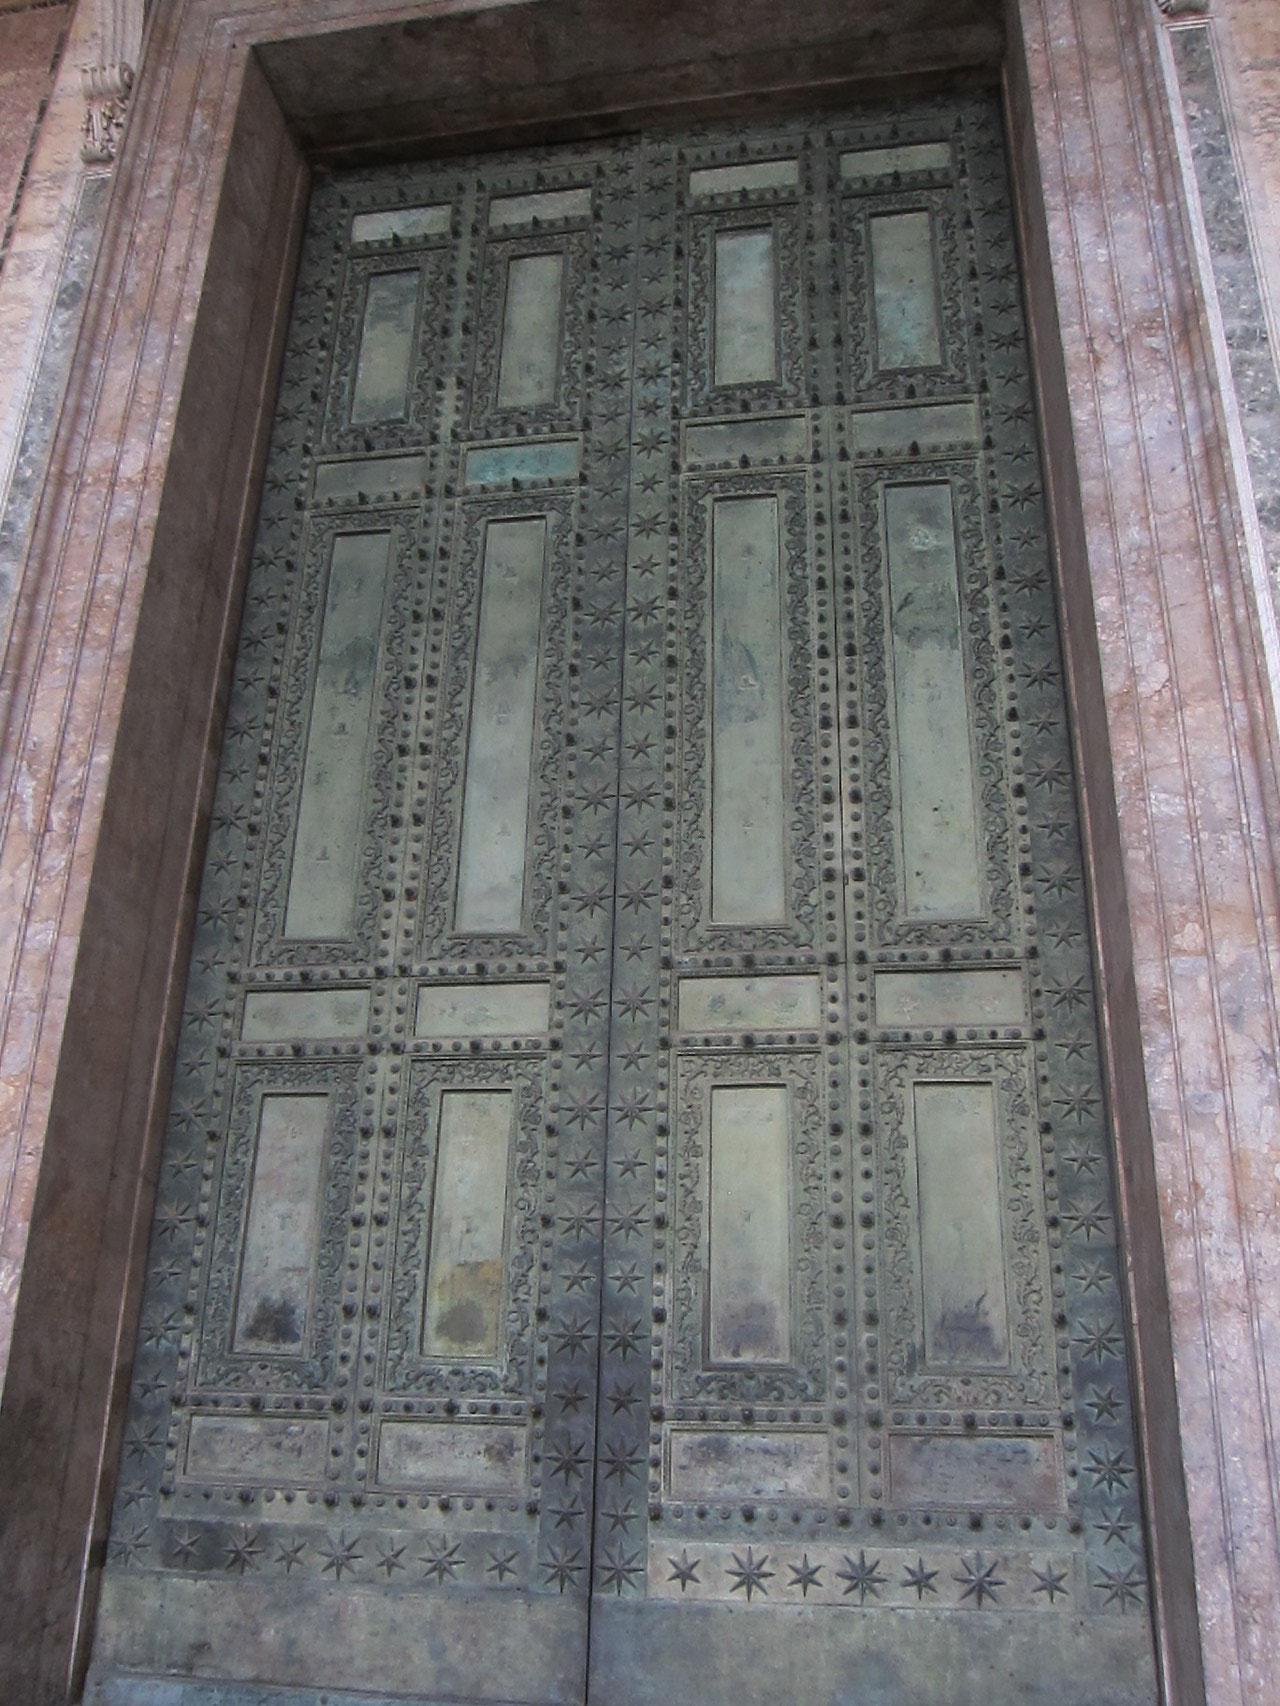 聖年に開かれる扉。